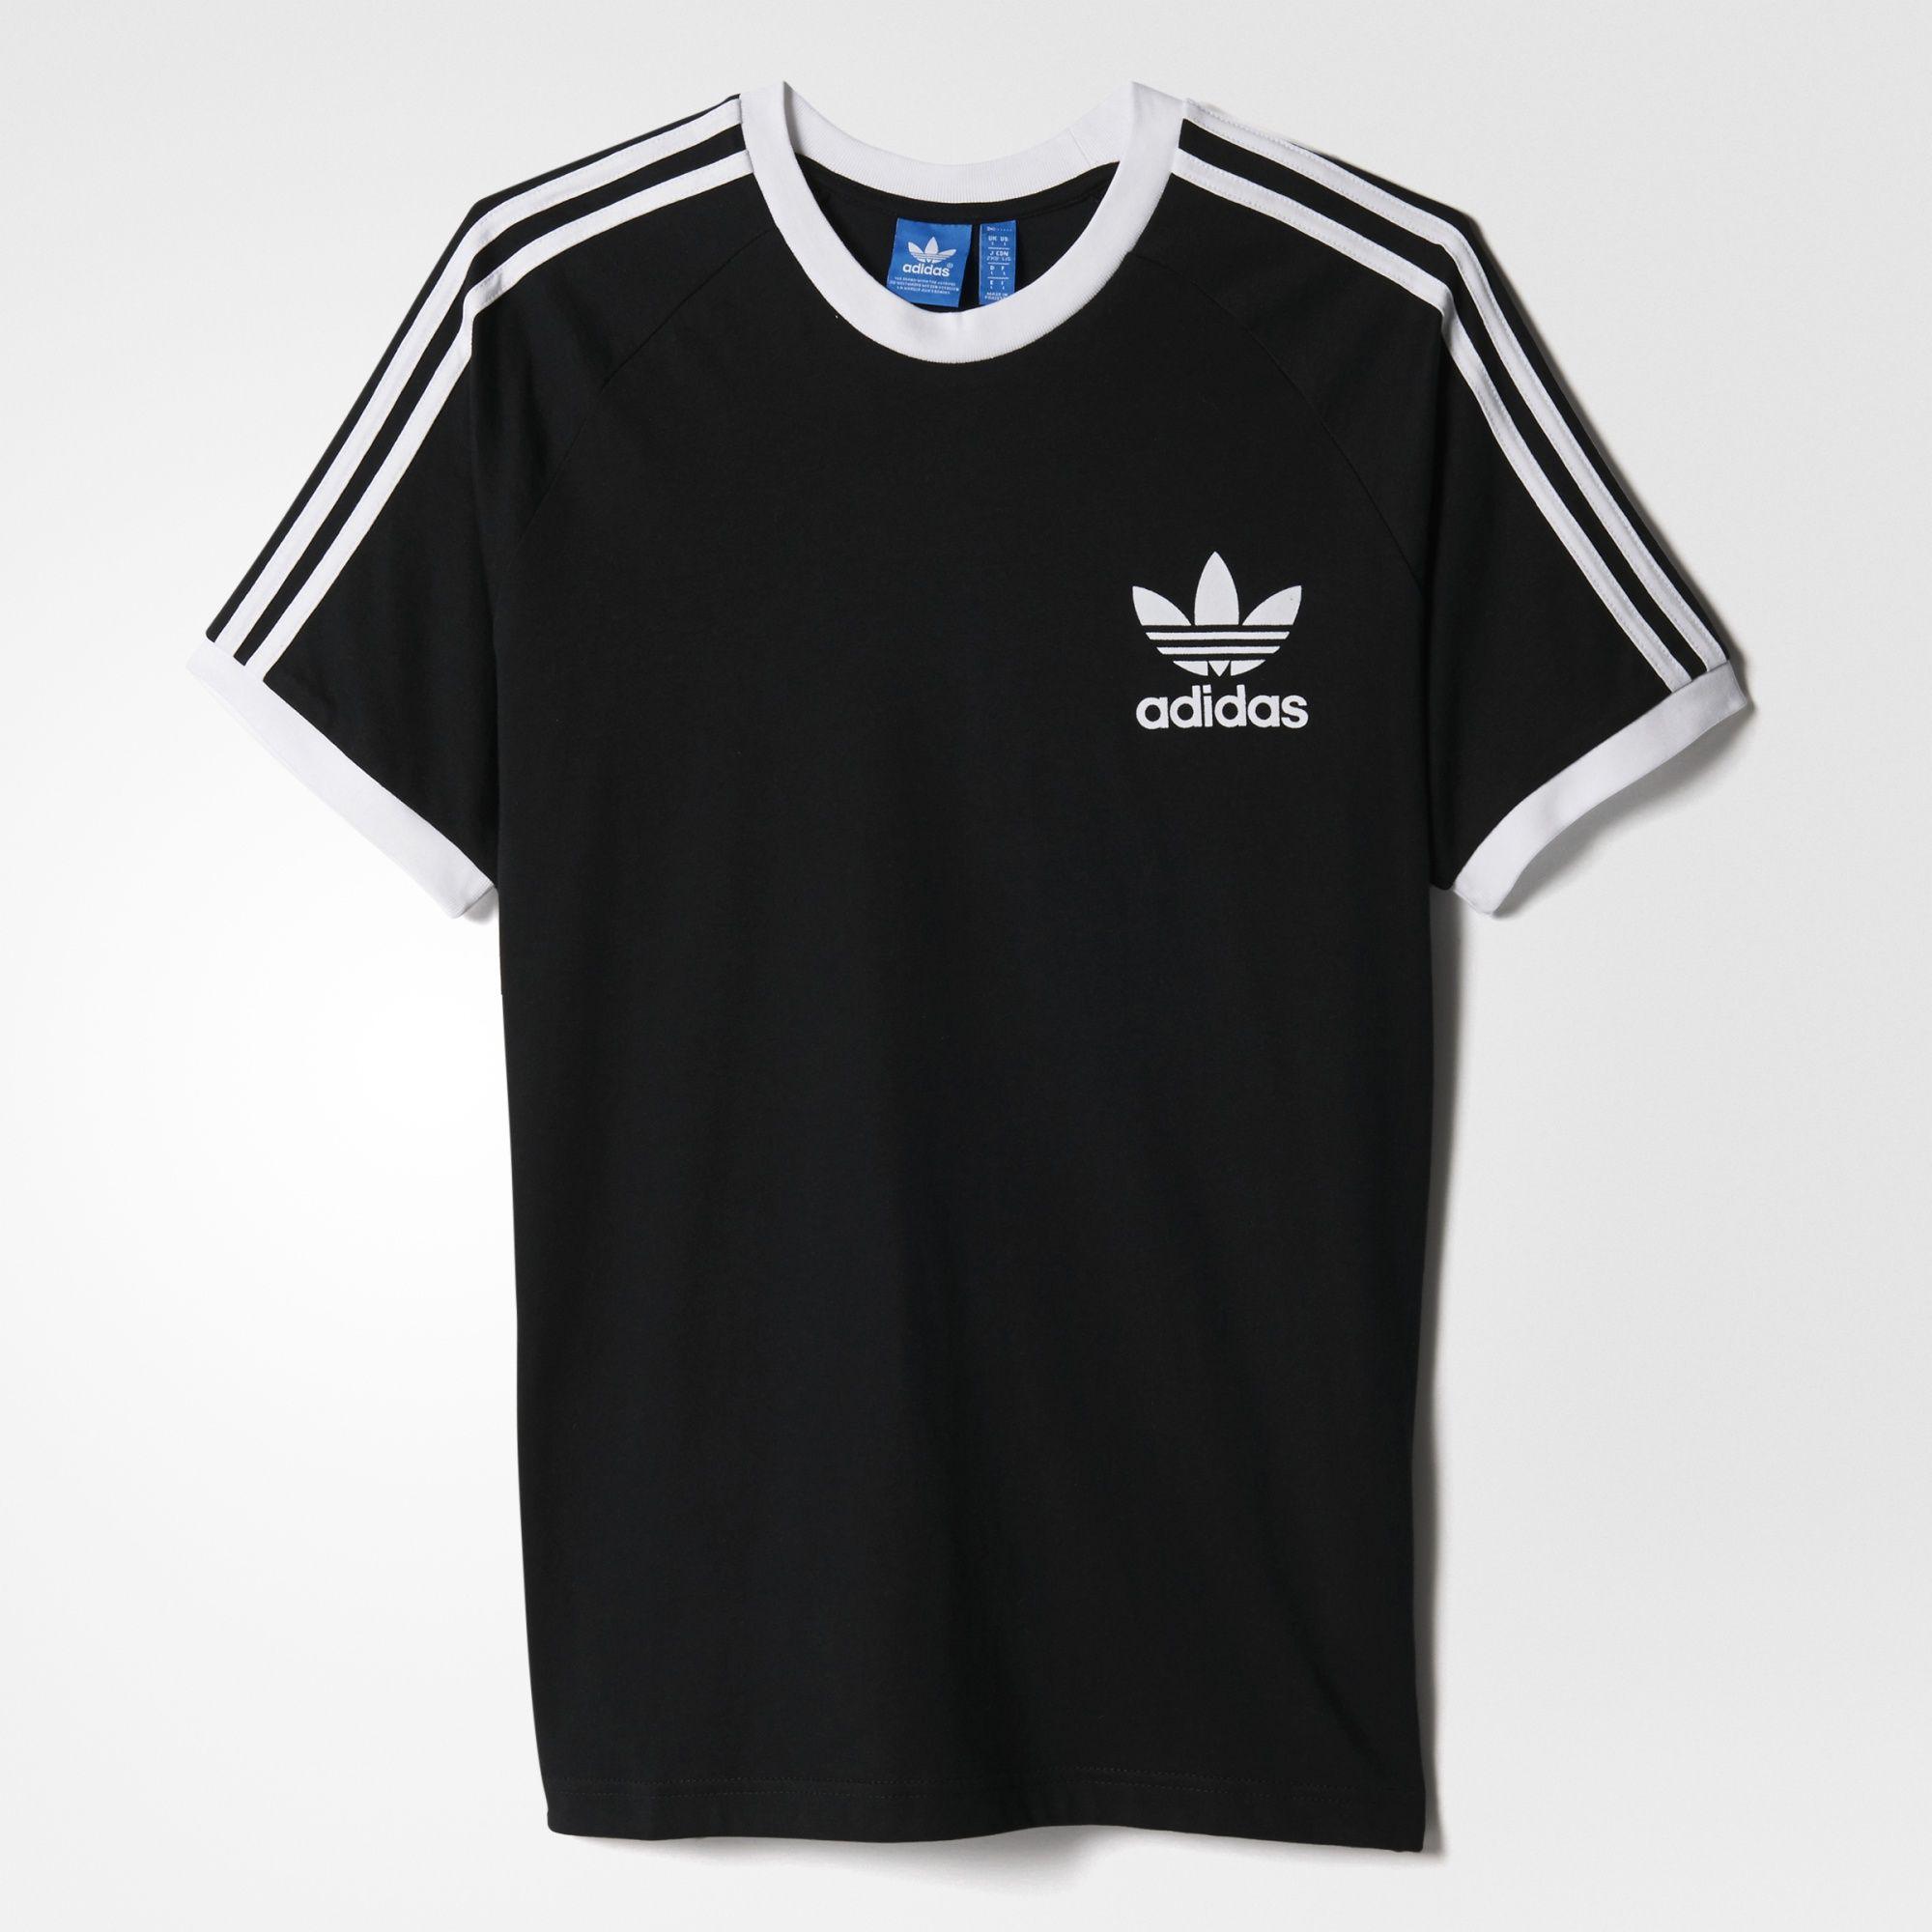 adidas CLFN Tee - Black   adidas UK